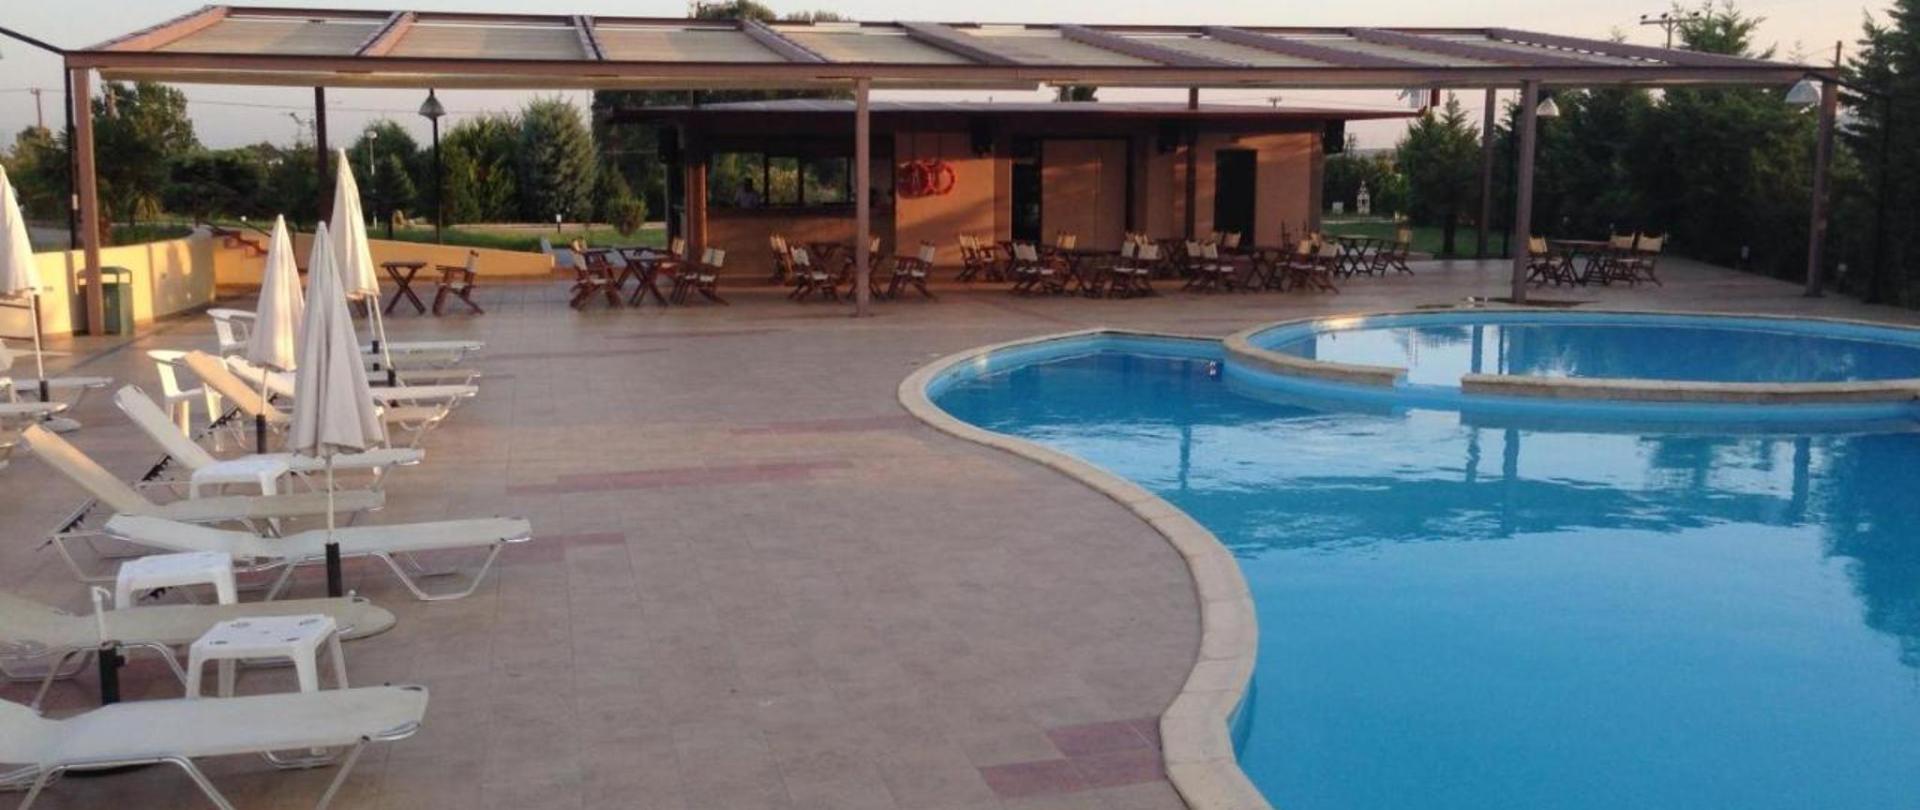 Επίσημη Ιστοσελίδα Achillio Hotel   Ξενοδοχεία στην Κομοτηνή